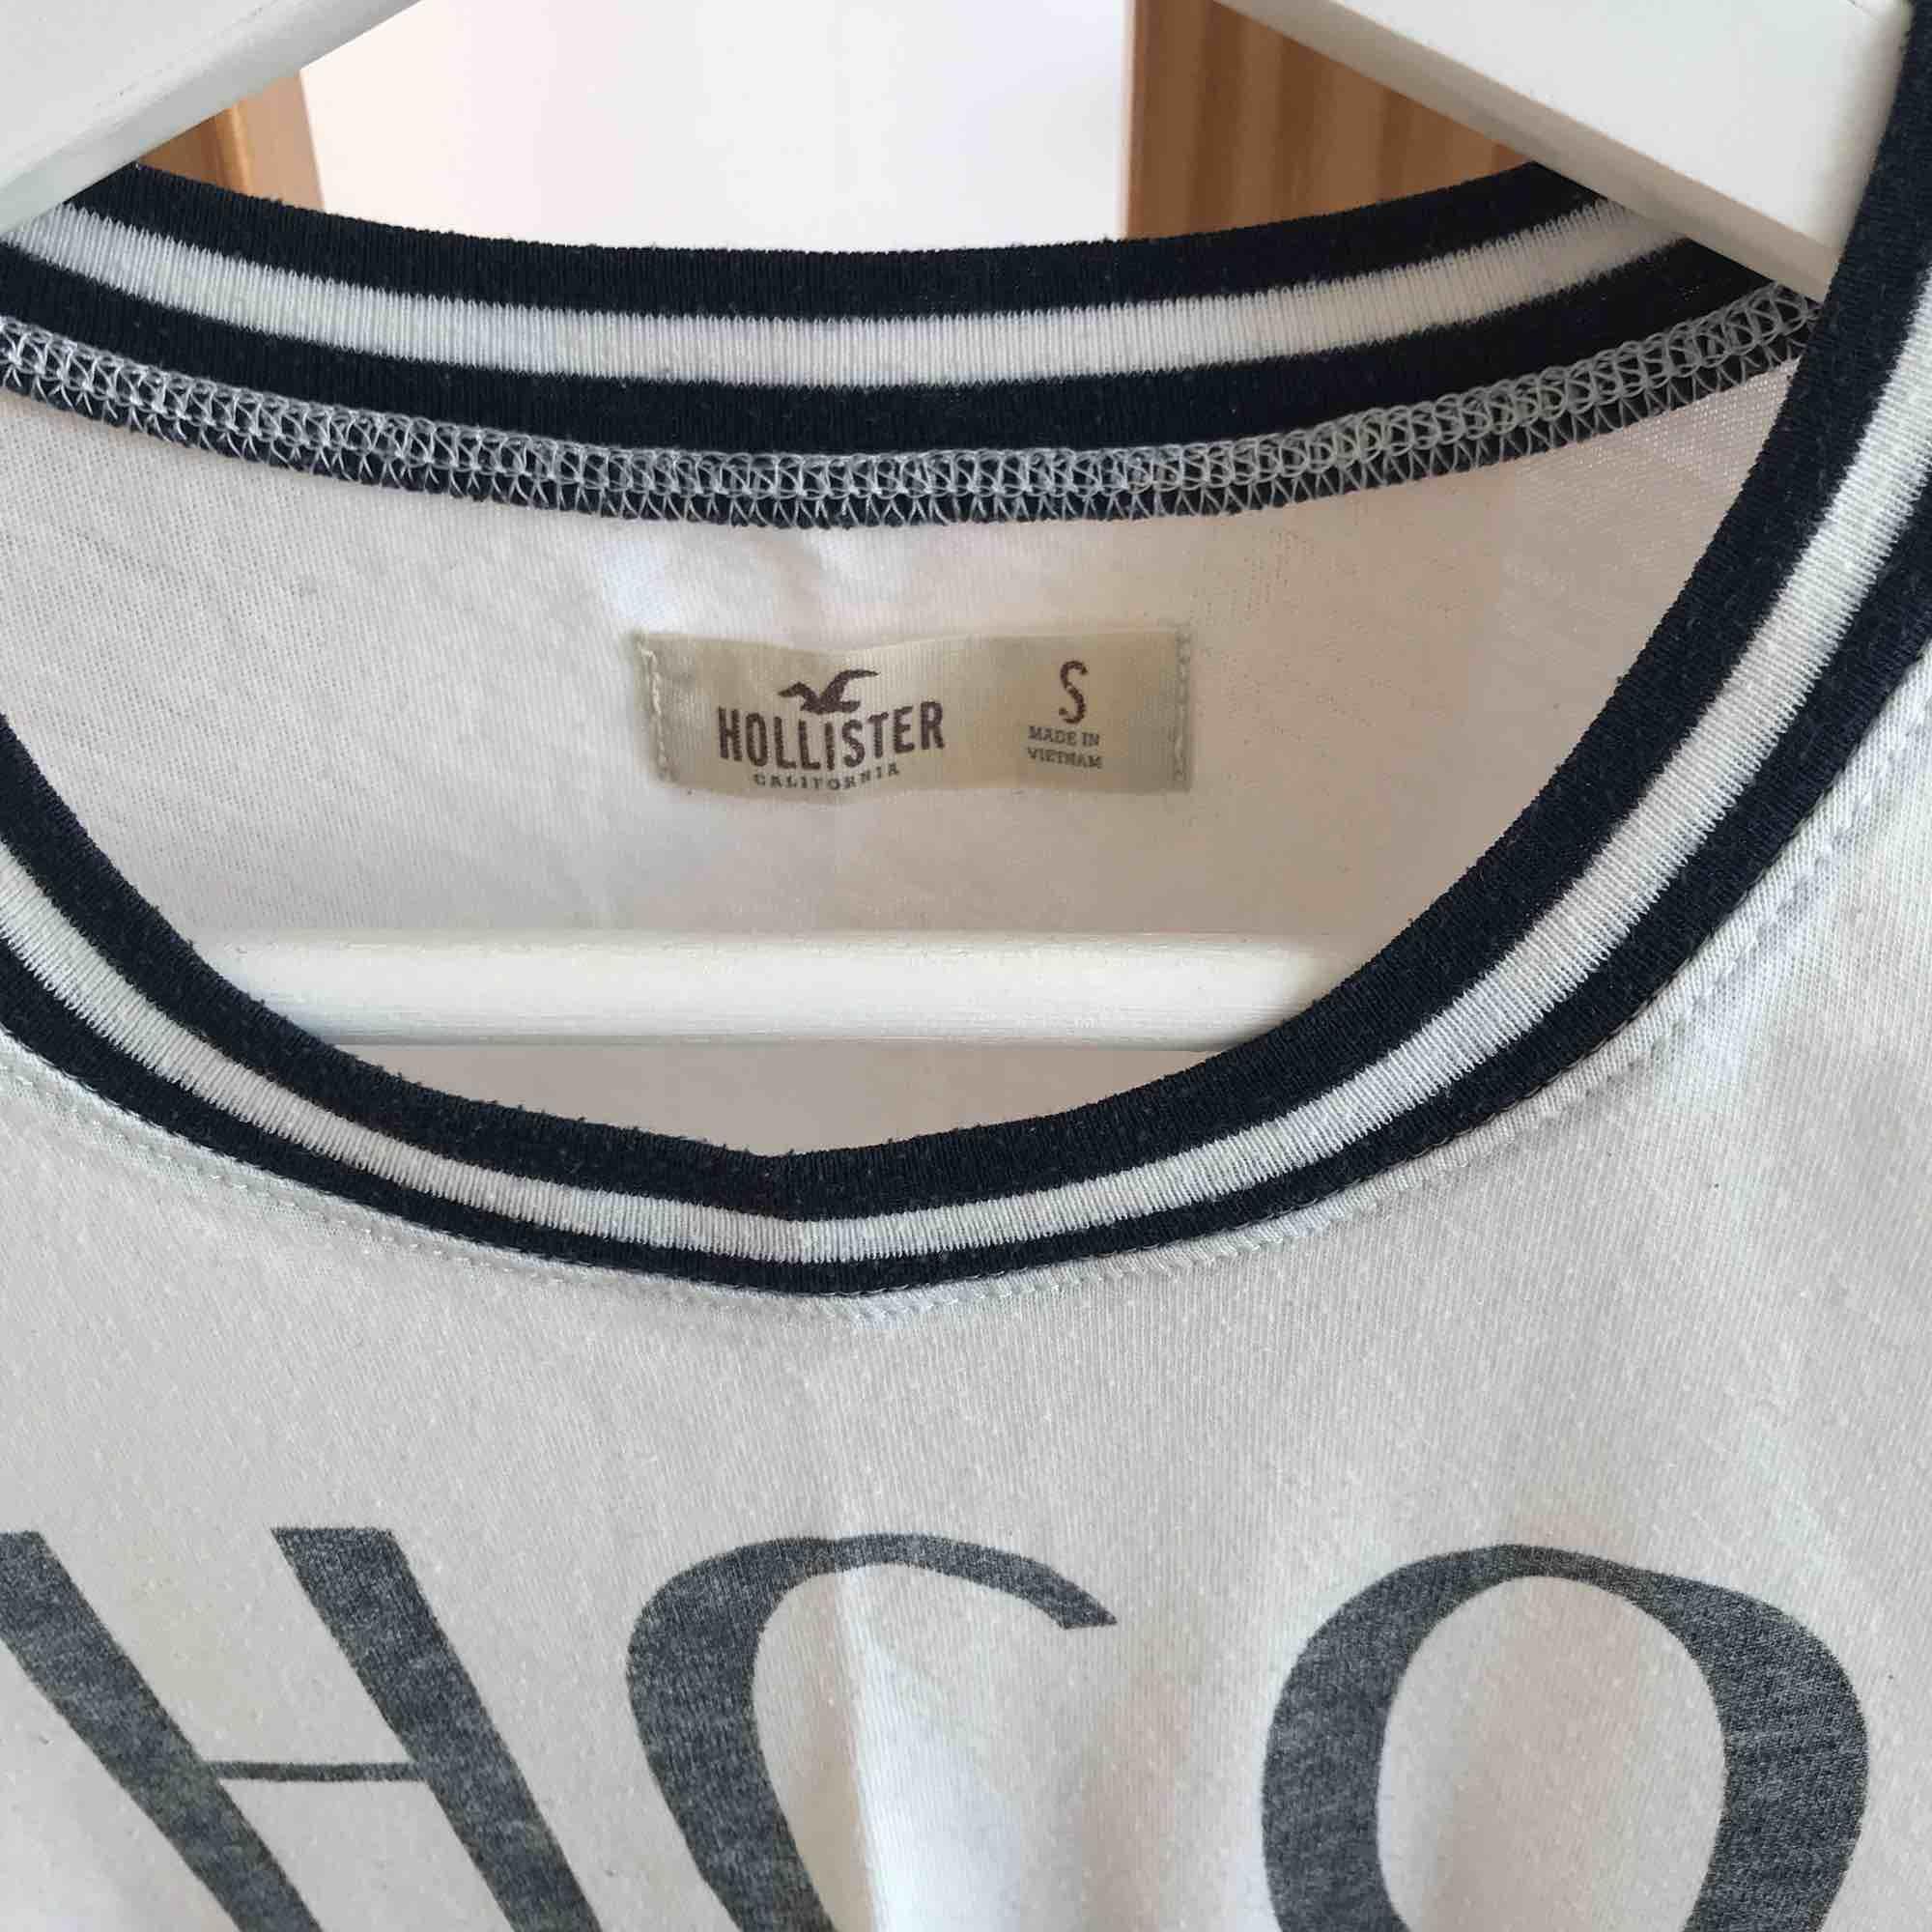 Äkta hollister-tröja. Använd men i bra skick. Köpare står för frakt🚛. T-shirts.